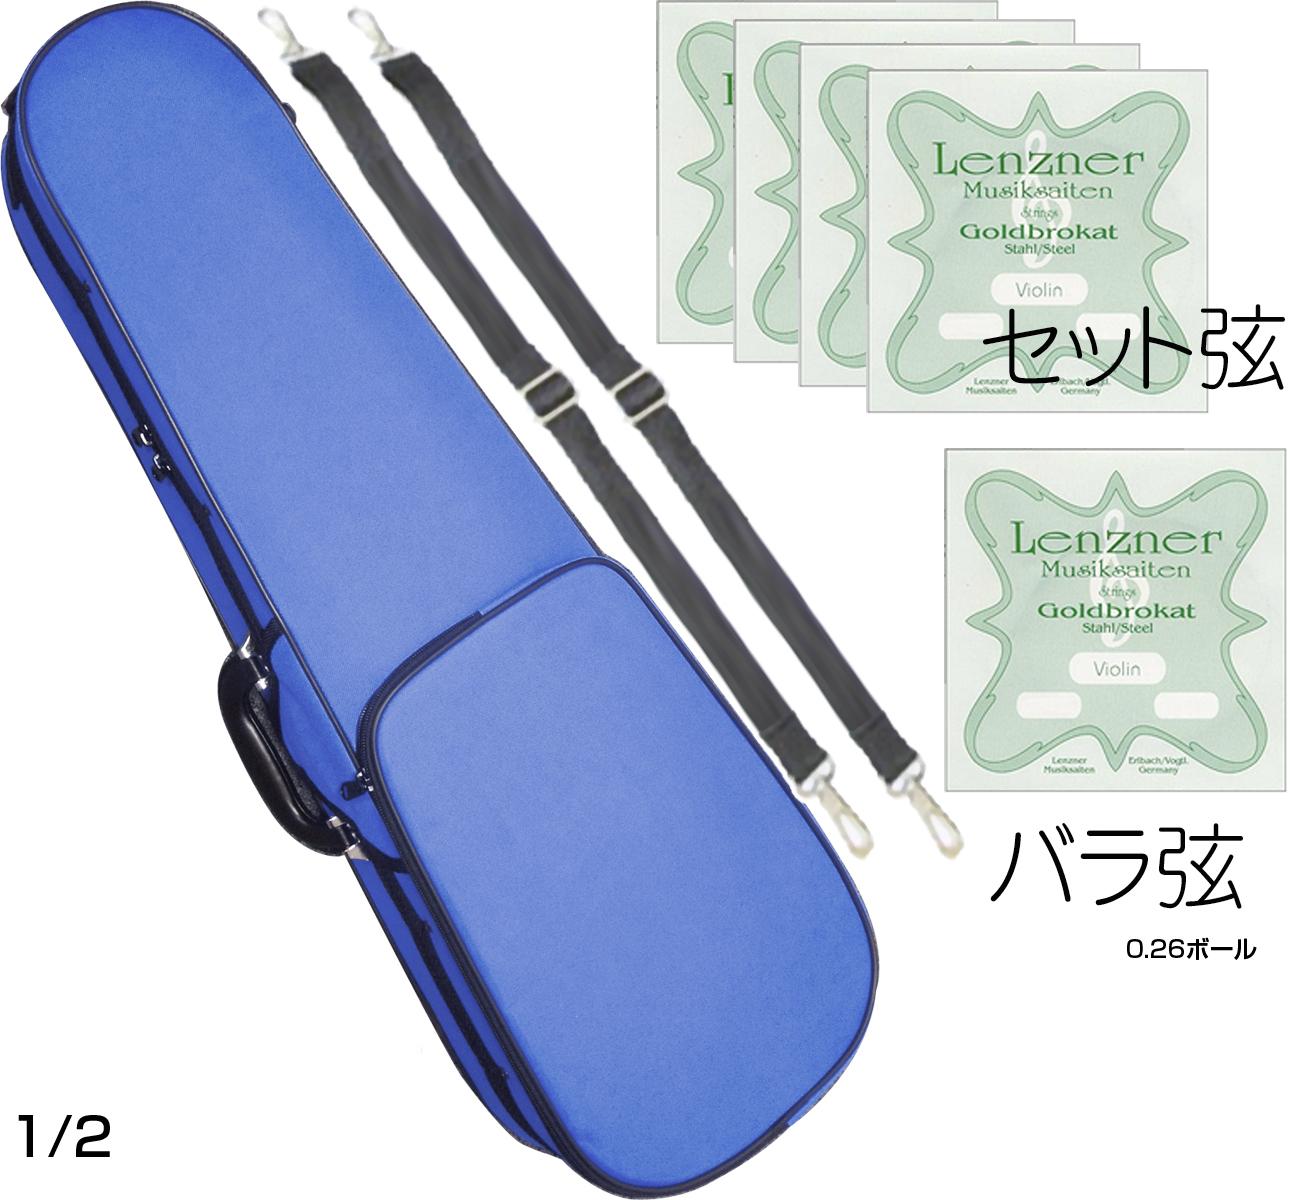 市販 あお blue BLU 軽量 弦楽器 Semi hard bag ヴァイオリンケース CarloGiordano カルロジョルダーノ TRC-100C ブルー violin セミハードケース 2 バイオリンケース TRC100C 0.26ボール バイオリン ケース 通販 case 1 2分の1 MBL リュックタイプ